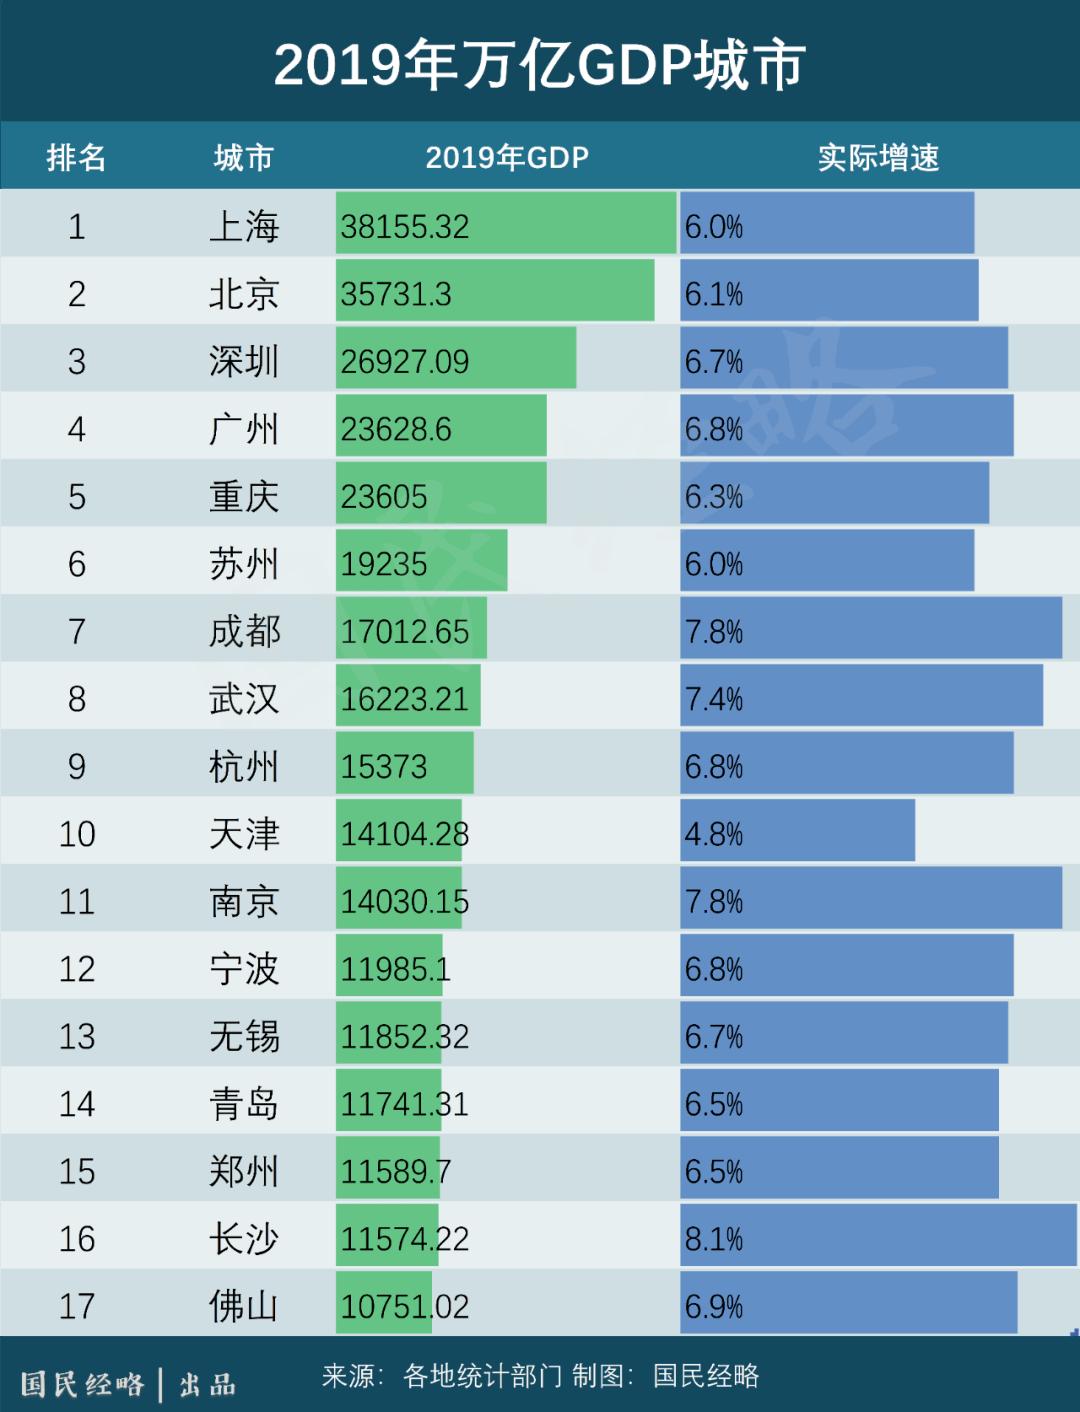 南方卫视北方gdp排名_南强北弱 北京成全国十强唯一北方代表,北方真的不行了